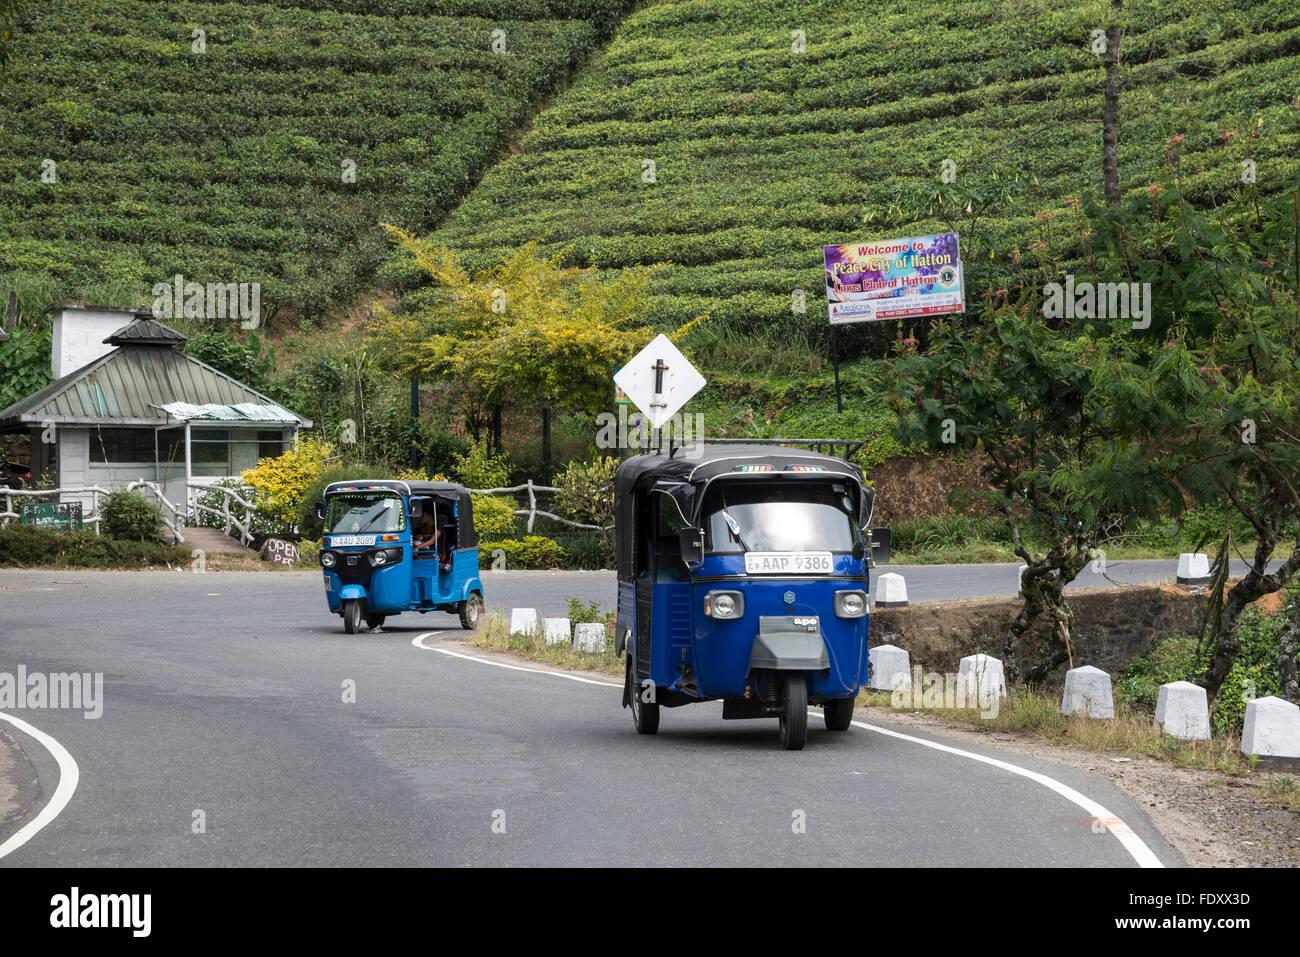 Tut-tuts o tre ruote come essi sono chiamati in Sri Lanka, forniscono un buon mezzo di trasporto per le comunità Immagini Stock